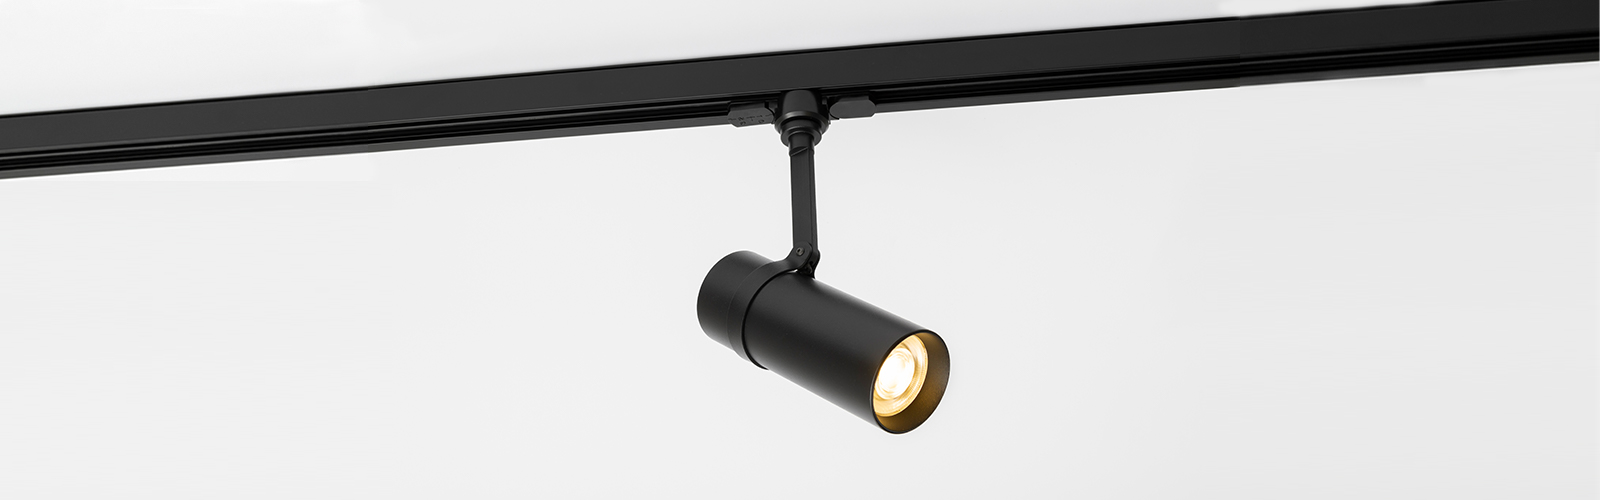 Fenos LED Lighting Tracklight Belta Mini Banner